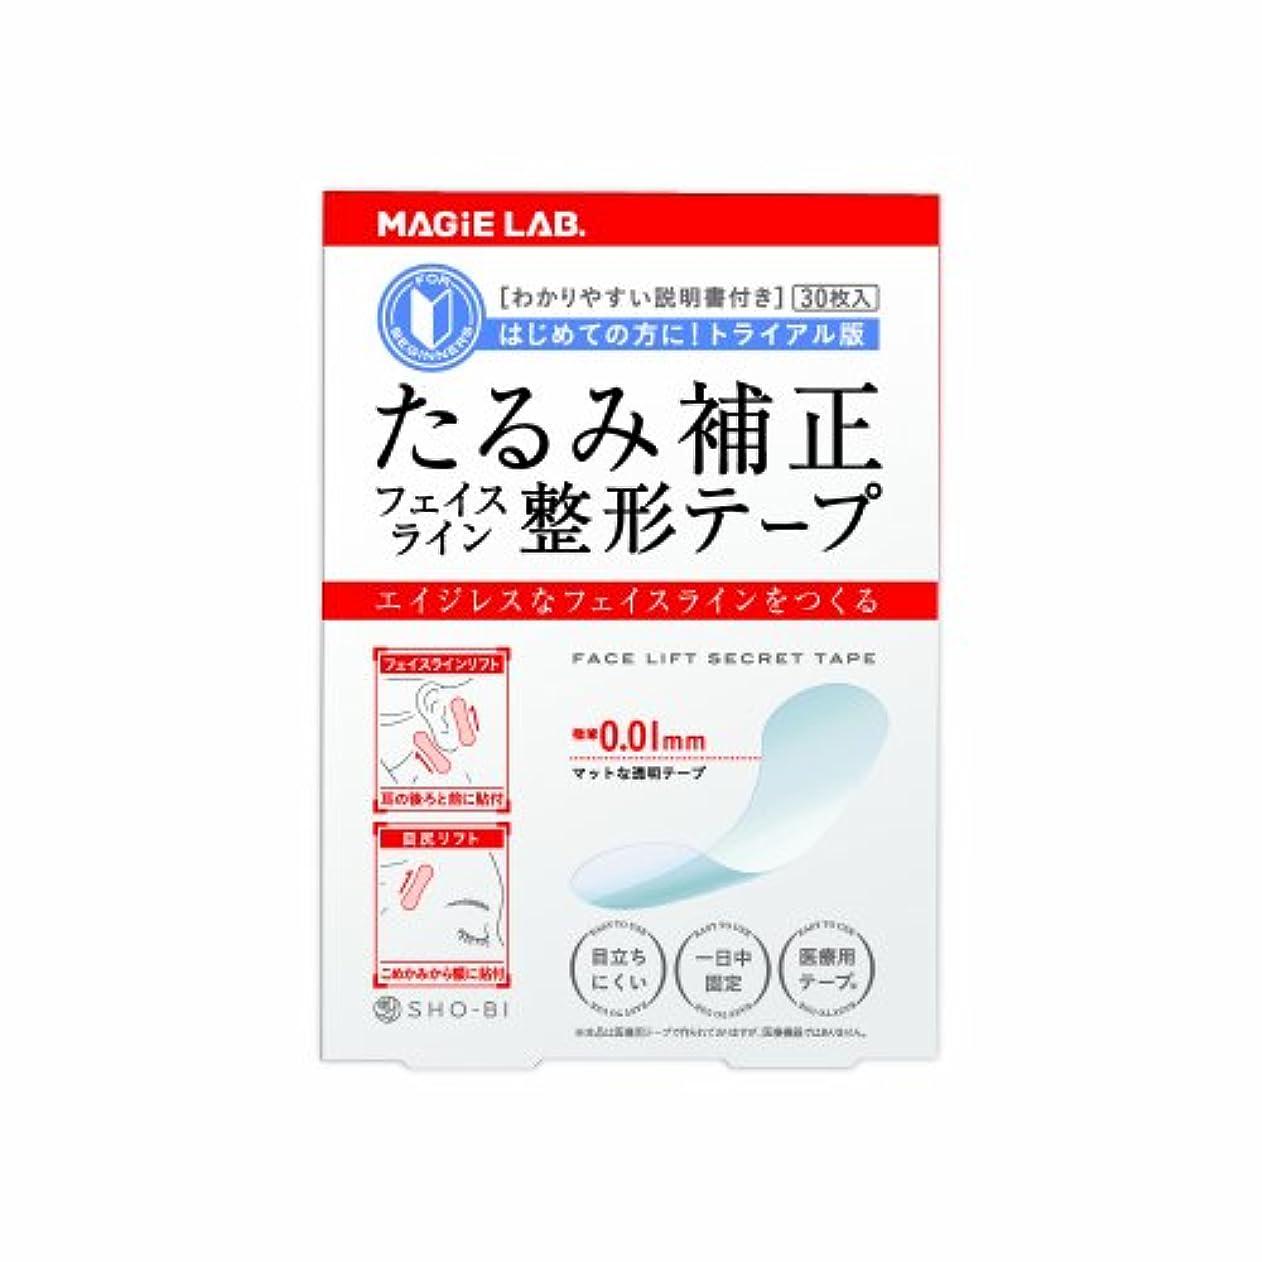 弱点最大限プランターMG22106 フェイスライン 整形テープ トライアル版 30枚入 マジラボ MAGiE LAB.